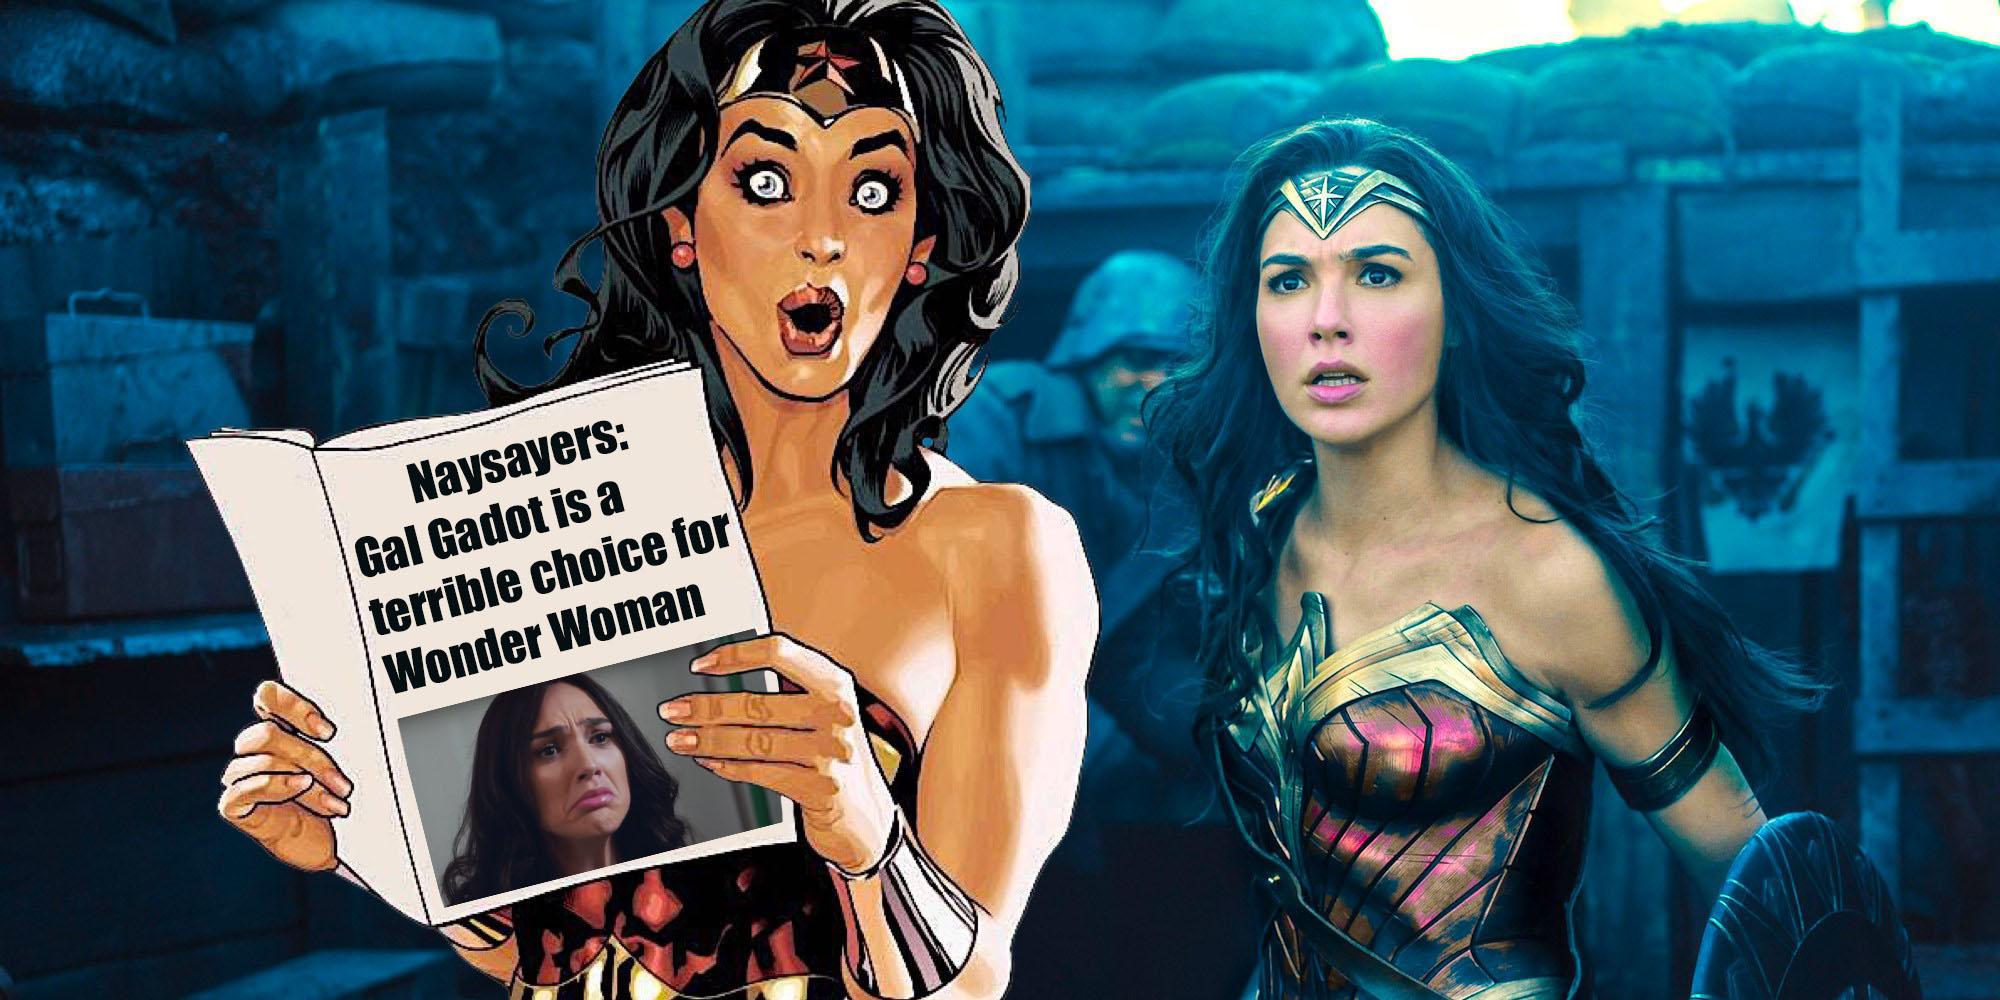 回頭看看過往,蓋兒加朵即將成為神力女超人的選角消息傳出,當時網友曾不斷質疑這個人選。